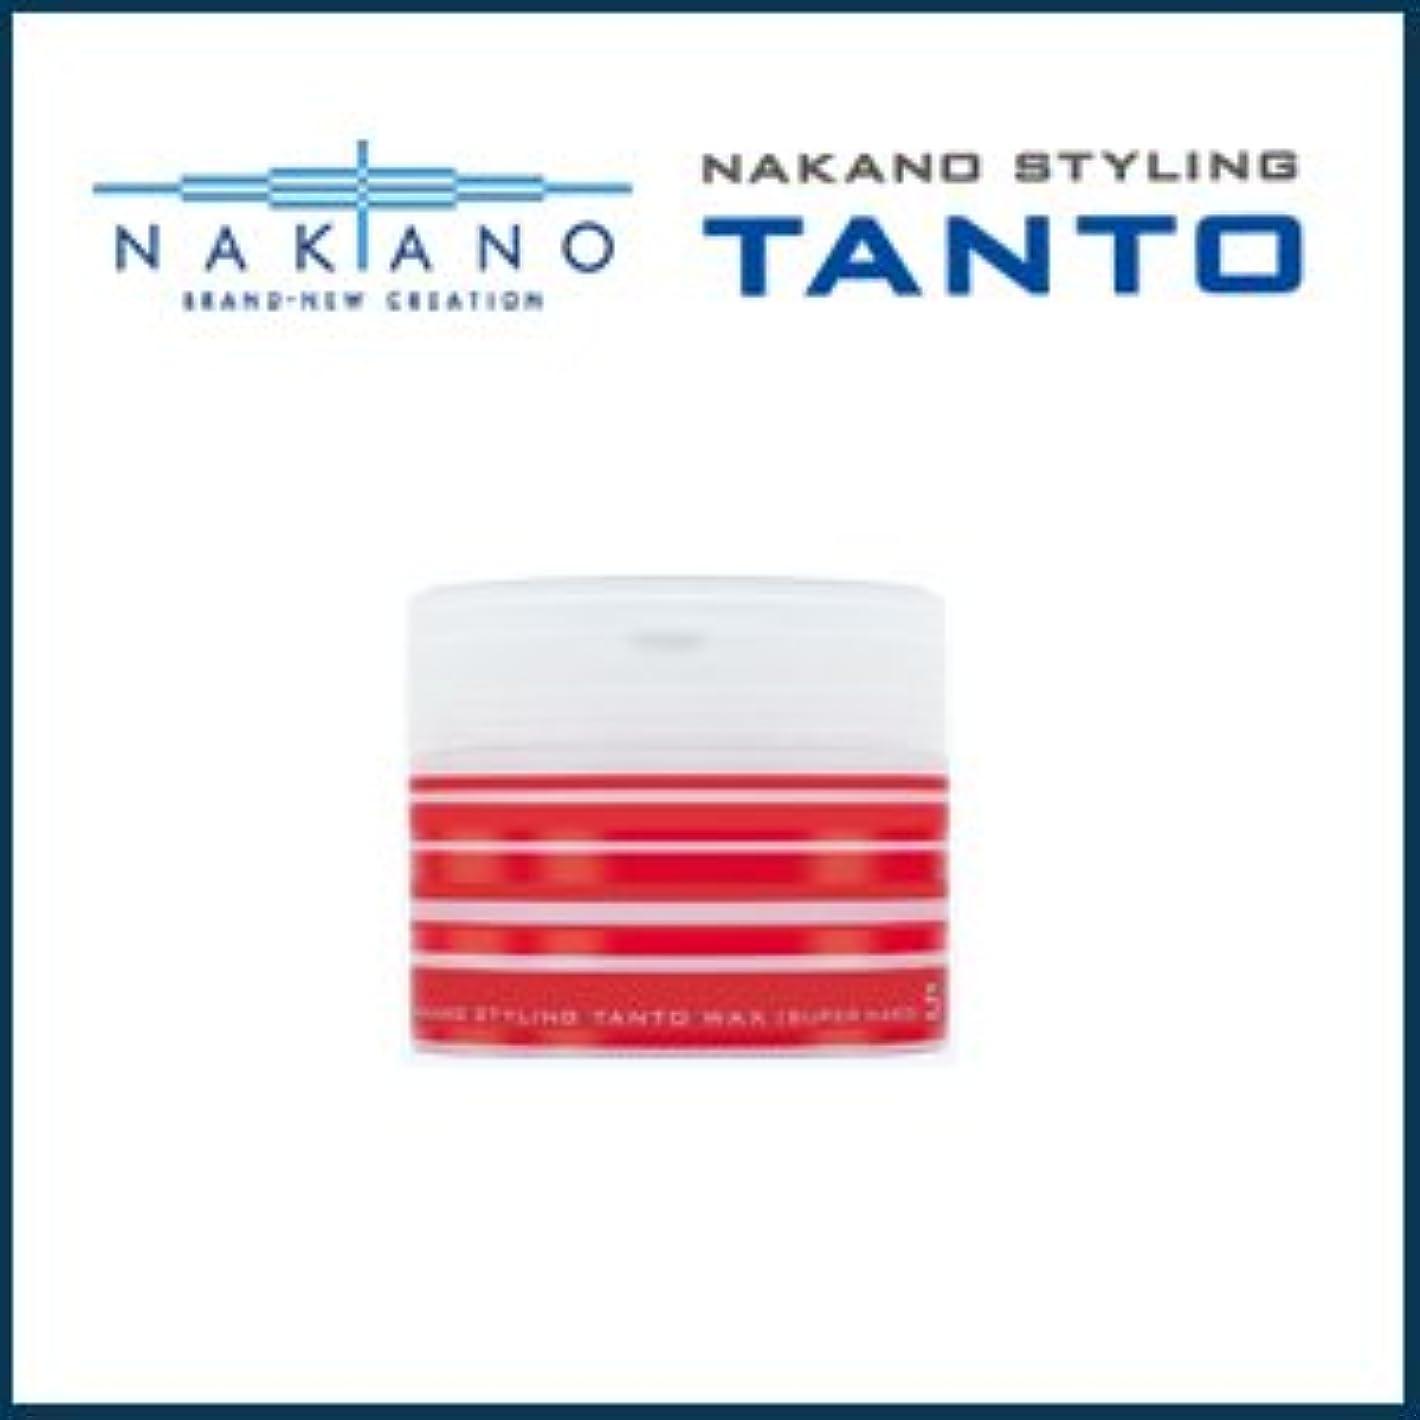 鳴らすペスト優しいナカノ タント Nワックス 5 スーパーハード 90g 容器入り